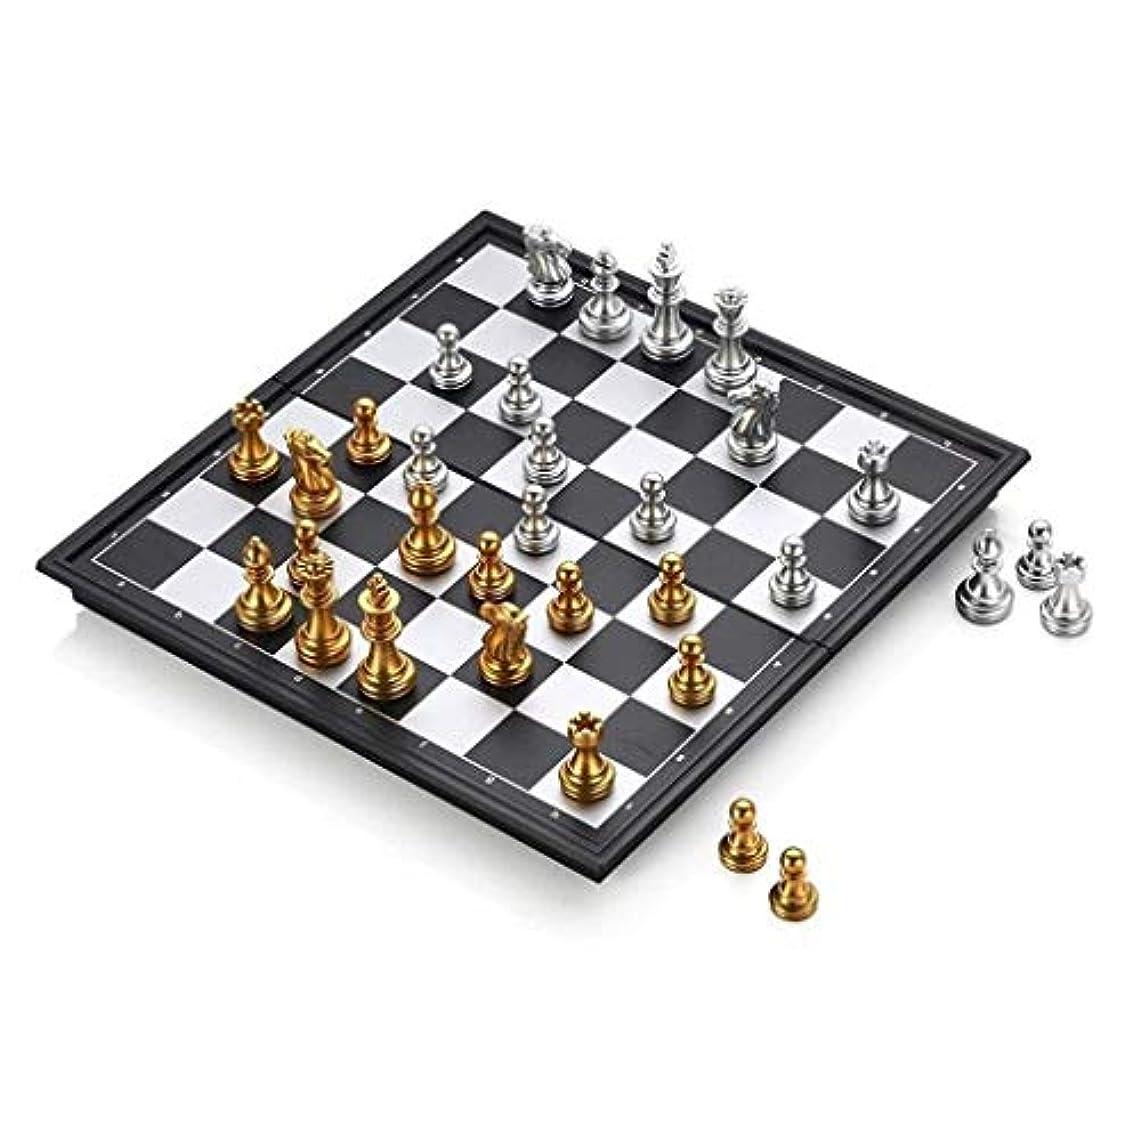 動的事実上ありがたい折りたたみ磁気チェスゲームシルバーゴールド小品現代セットの楽しいチェスセットボードゲームパズル子供のおもちゃ (サイズ : 9.8inch)